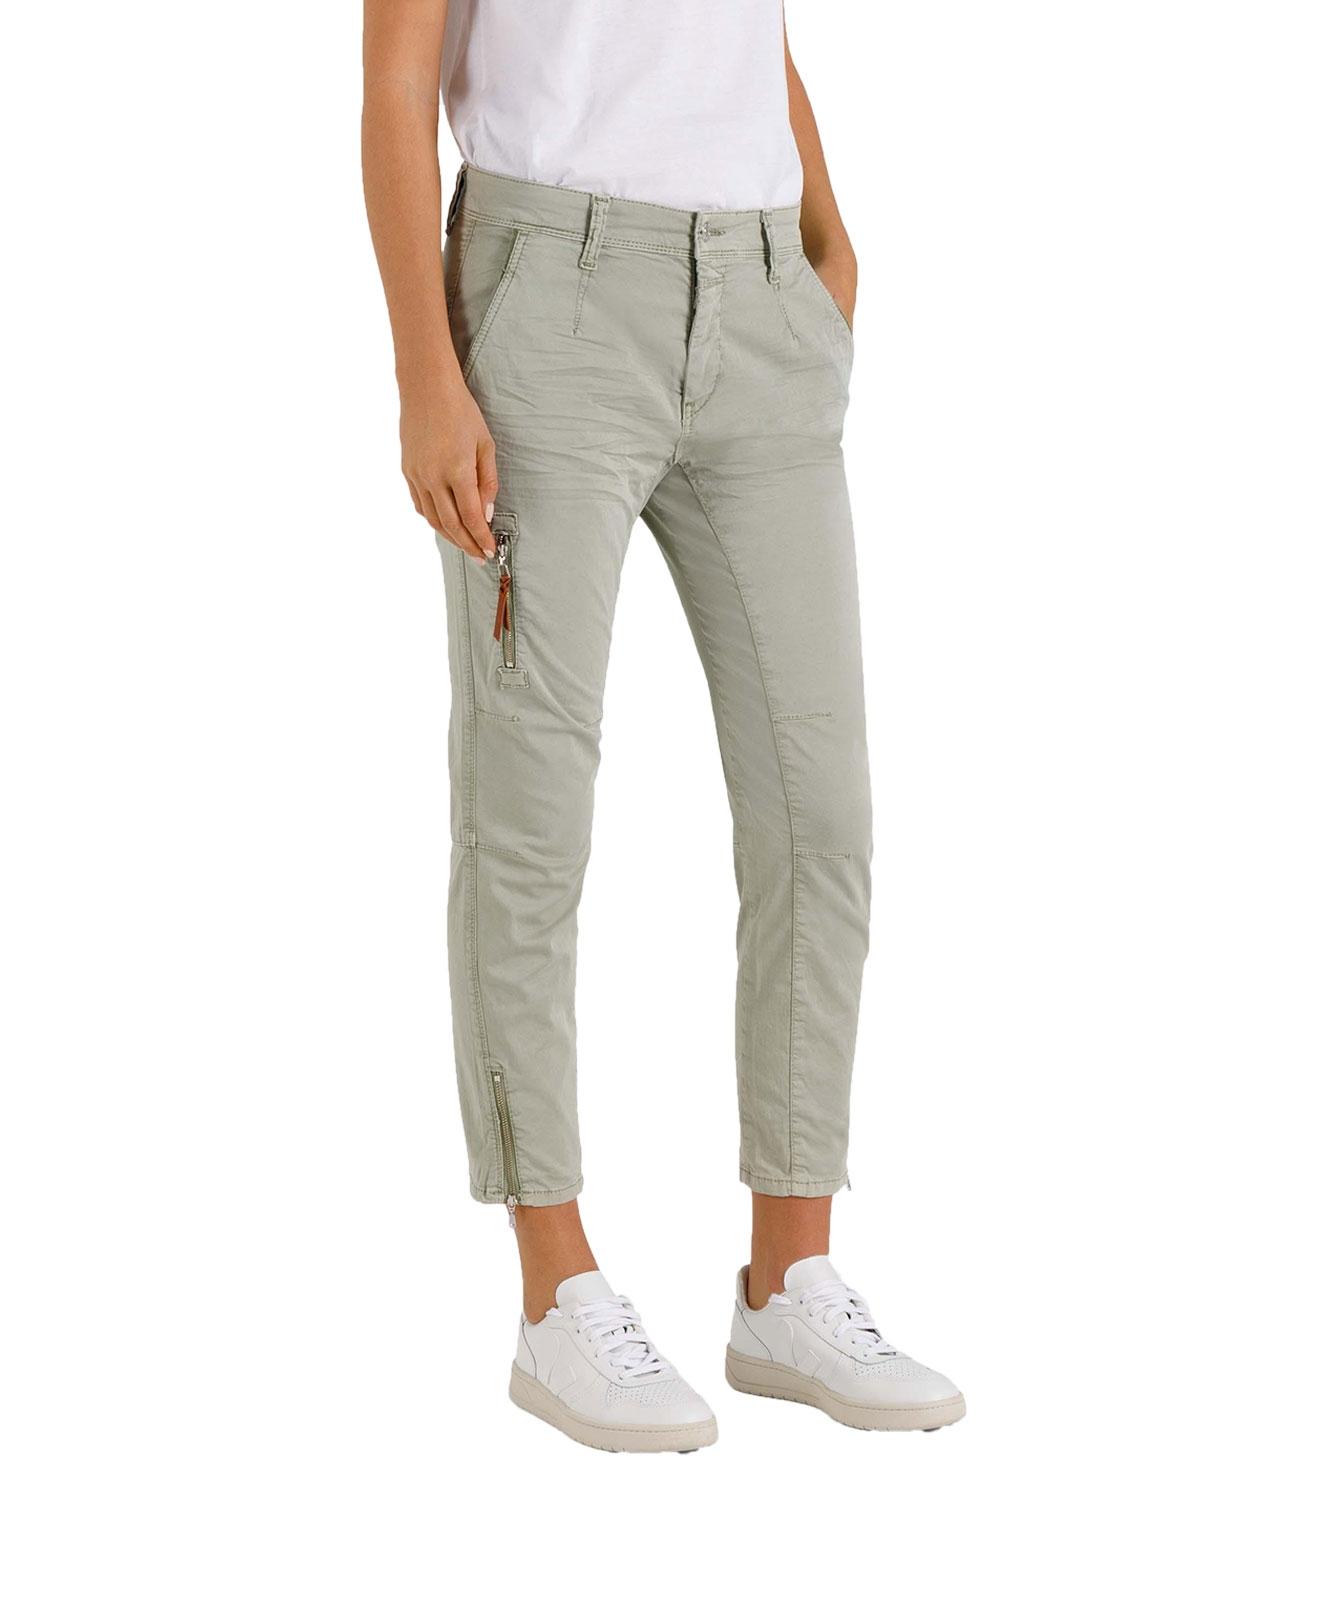 Hosen - Mac Cargohose Rich im Relaxed Slim Fit aus grünem Cotton  - Onlineshop Jeans Meile